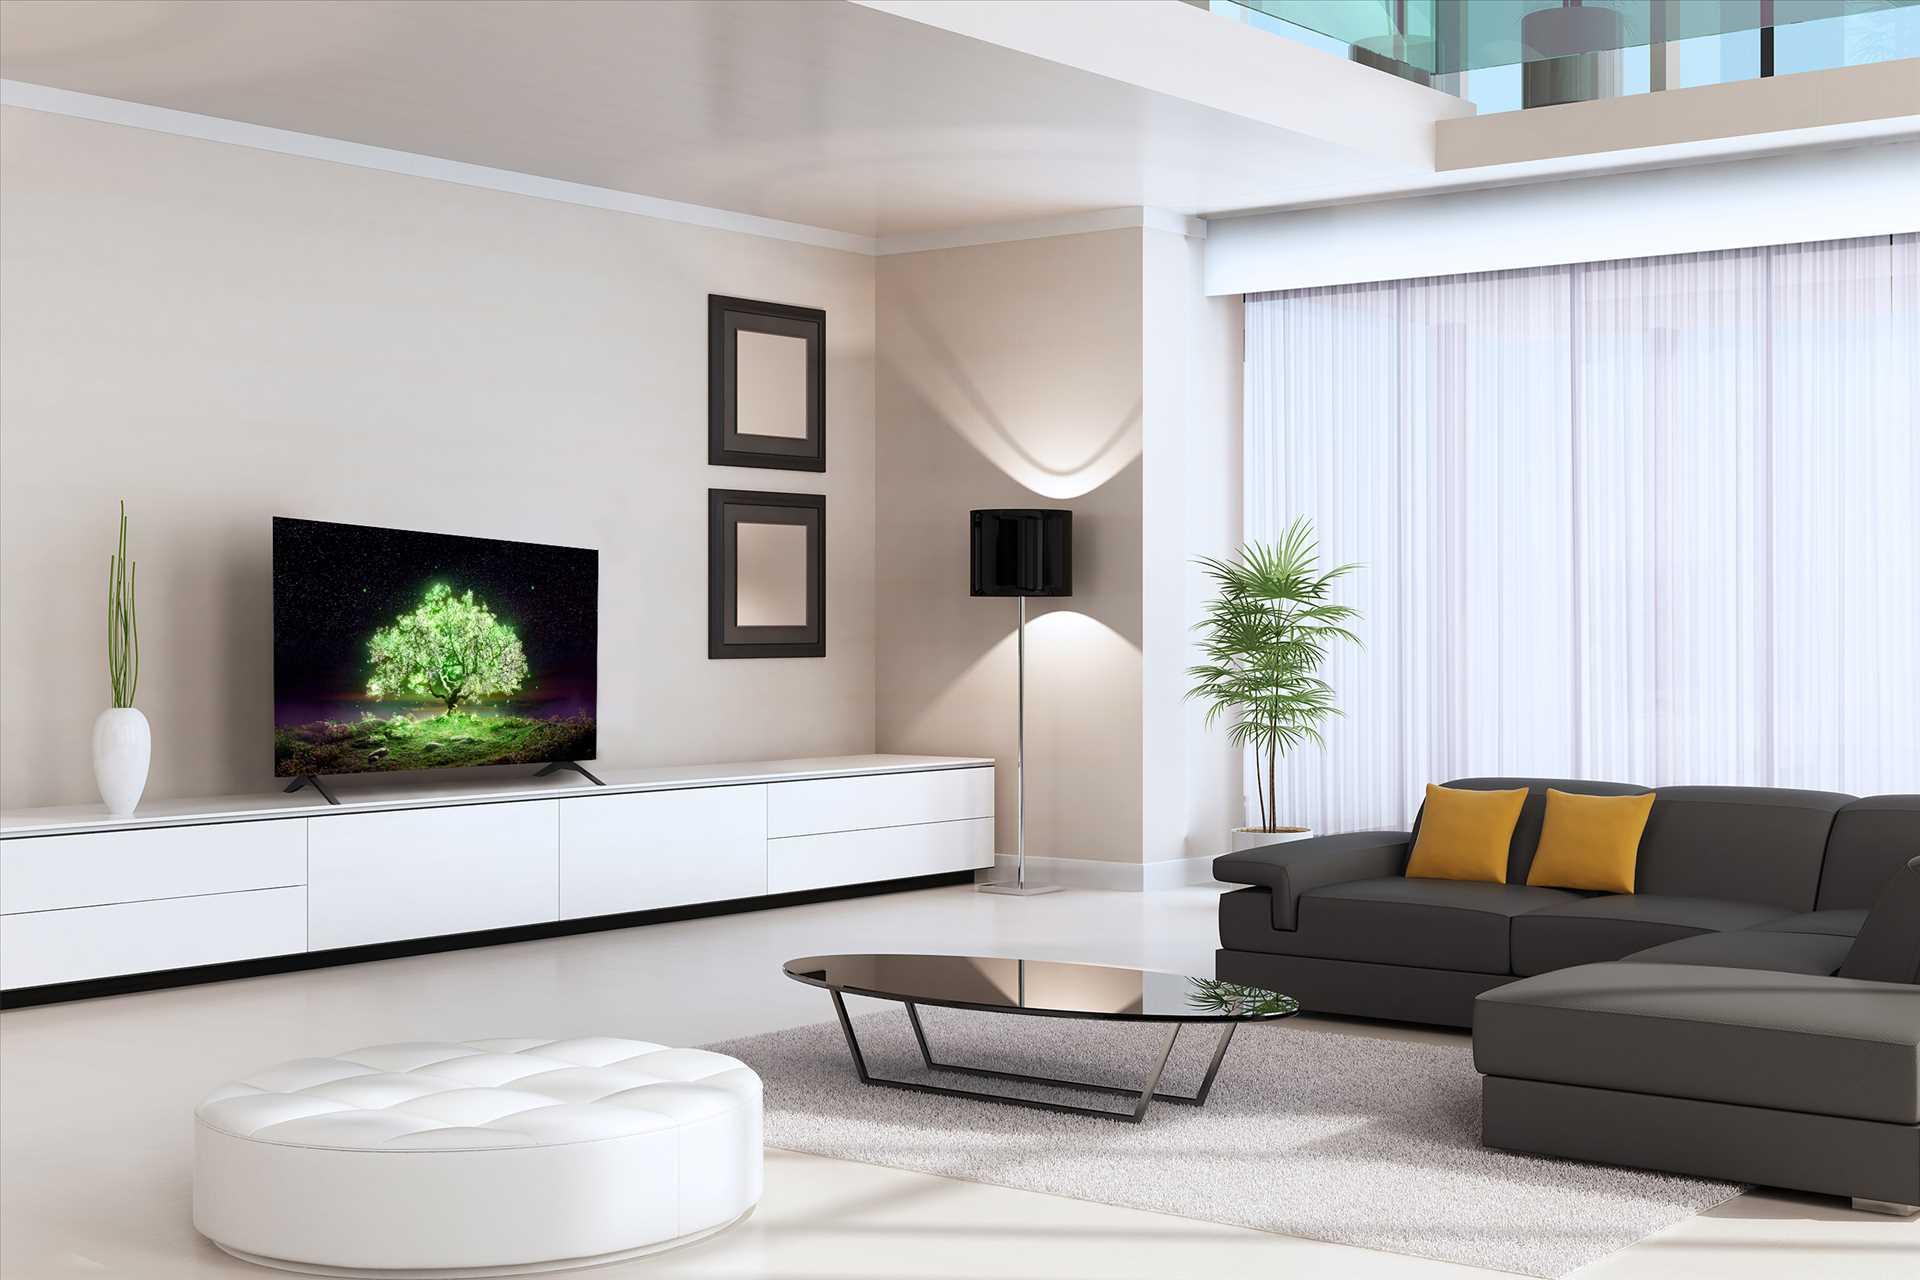 טלוויזיה 55 אינץ' דגם OLED 55A16LA/PVA  בטכנולוגיית LG OLED 4K Ultra HD אל ג'י - תמונה 11